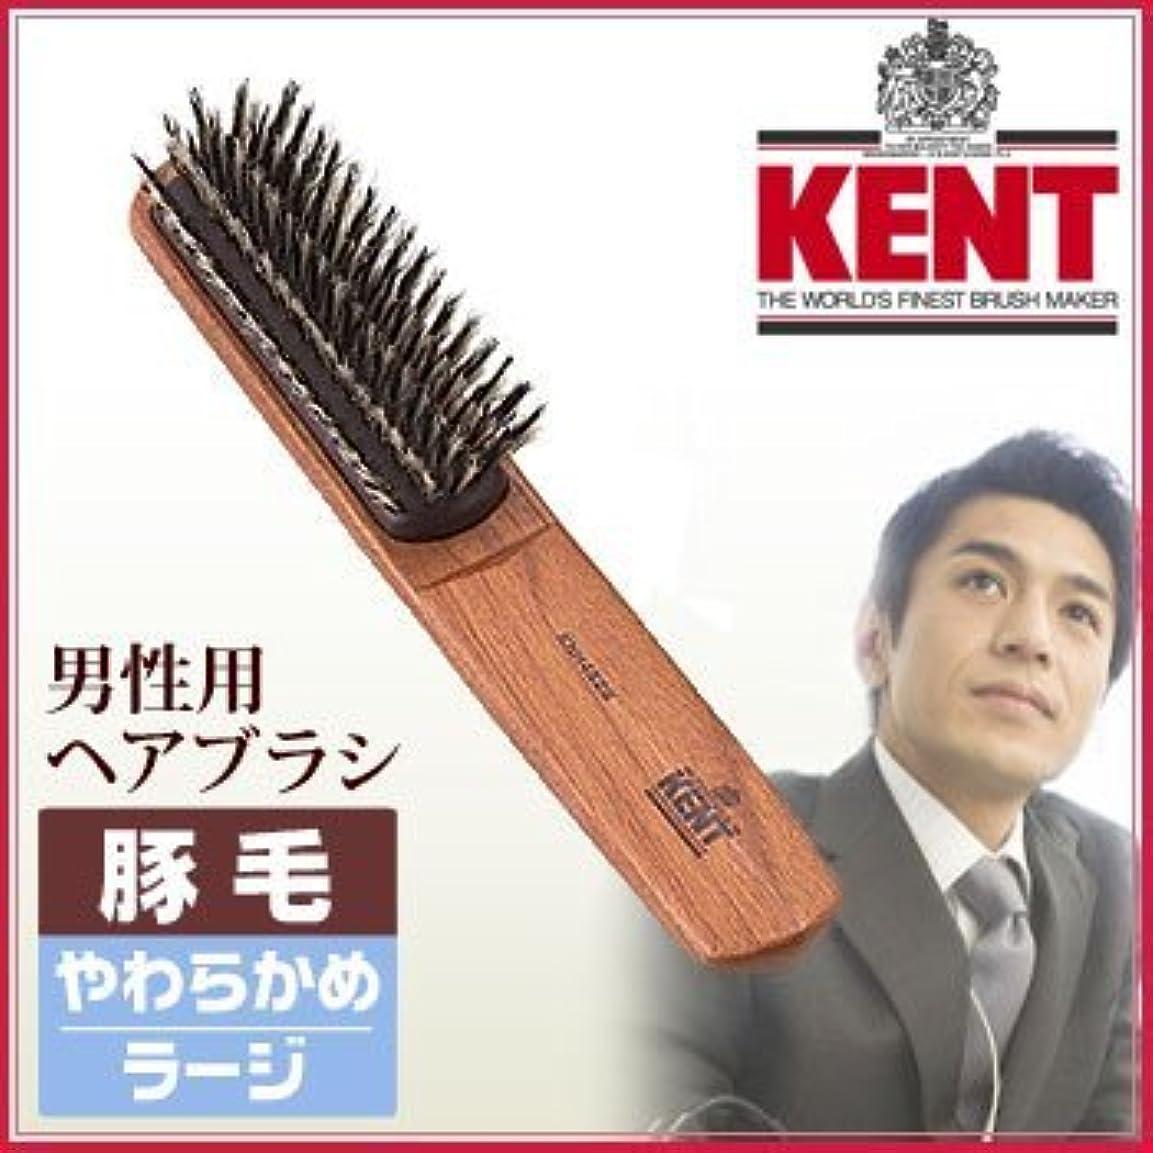 プレゼント幅説教KENT メンズ トリプレックスブラシ[ラージサイズ/豚毛やわらかめ]KNH-4628ケント